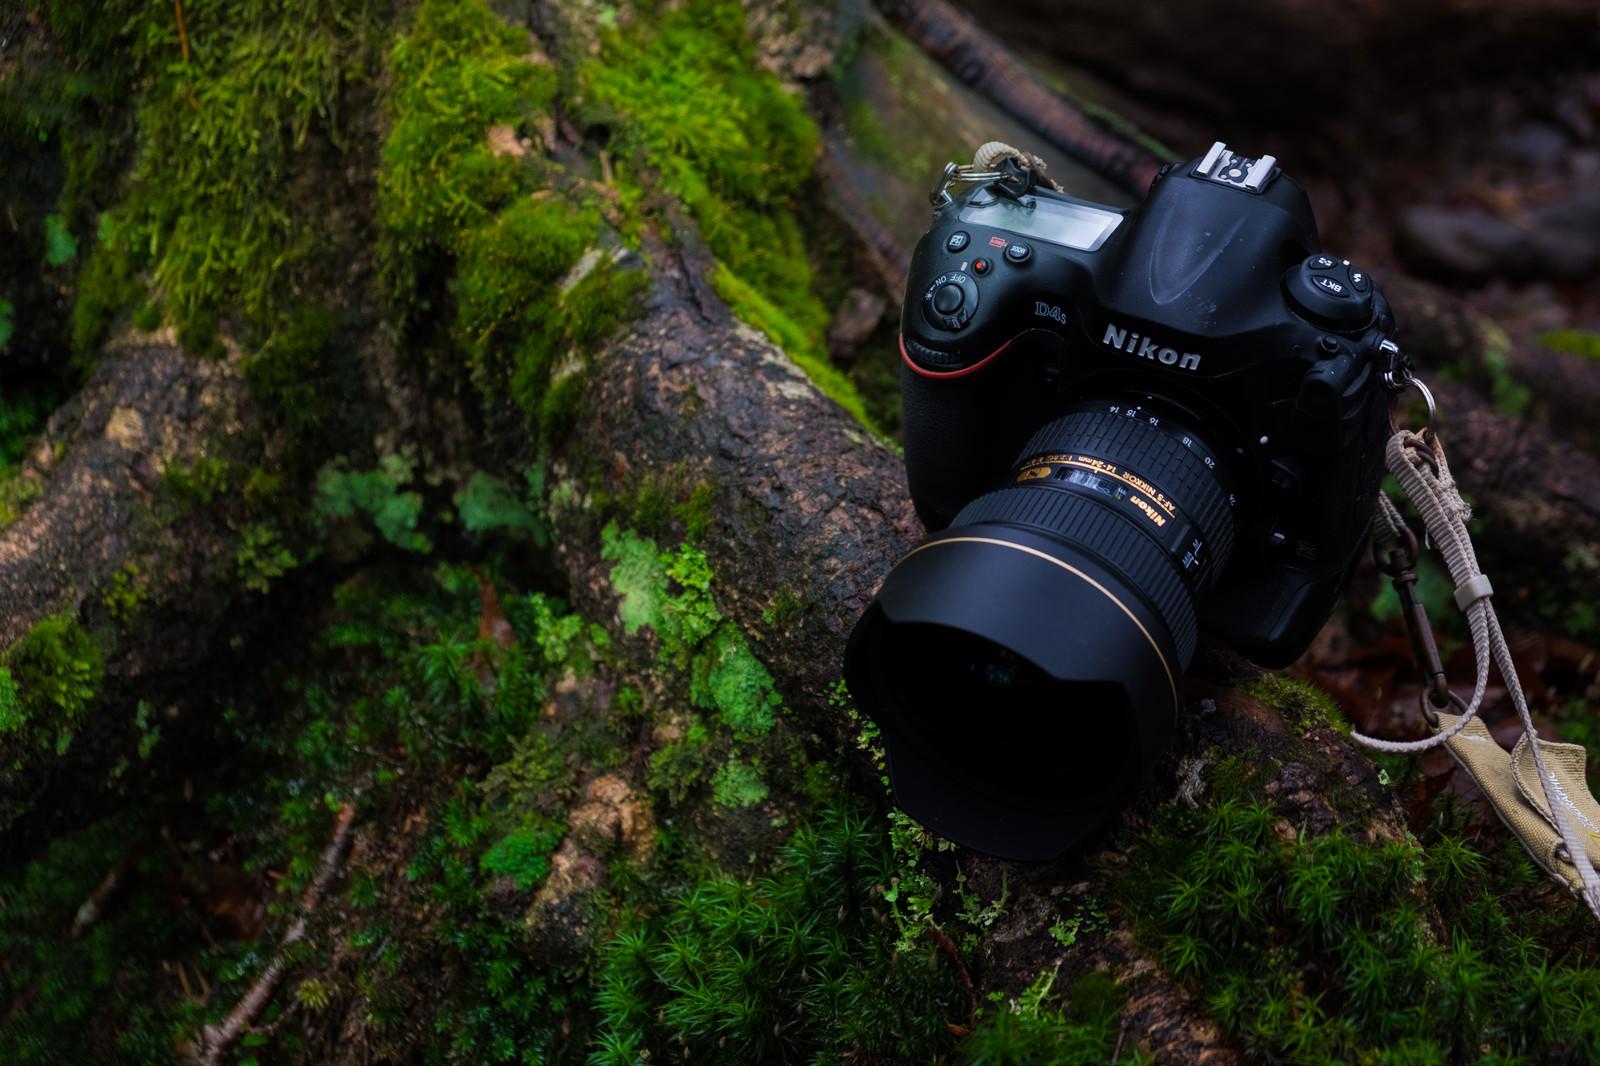 「原生林を撮影する一眼レフカメラ原生林を撮影する一眼レフカメラ」のフリー写真素材を拡大